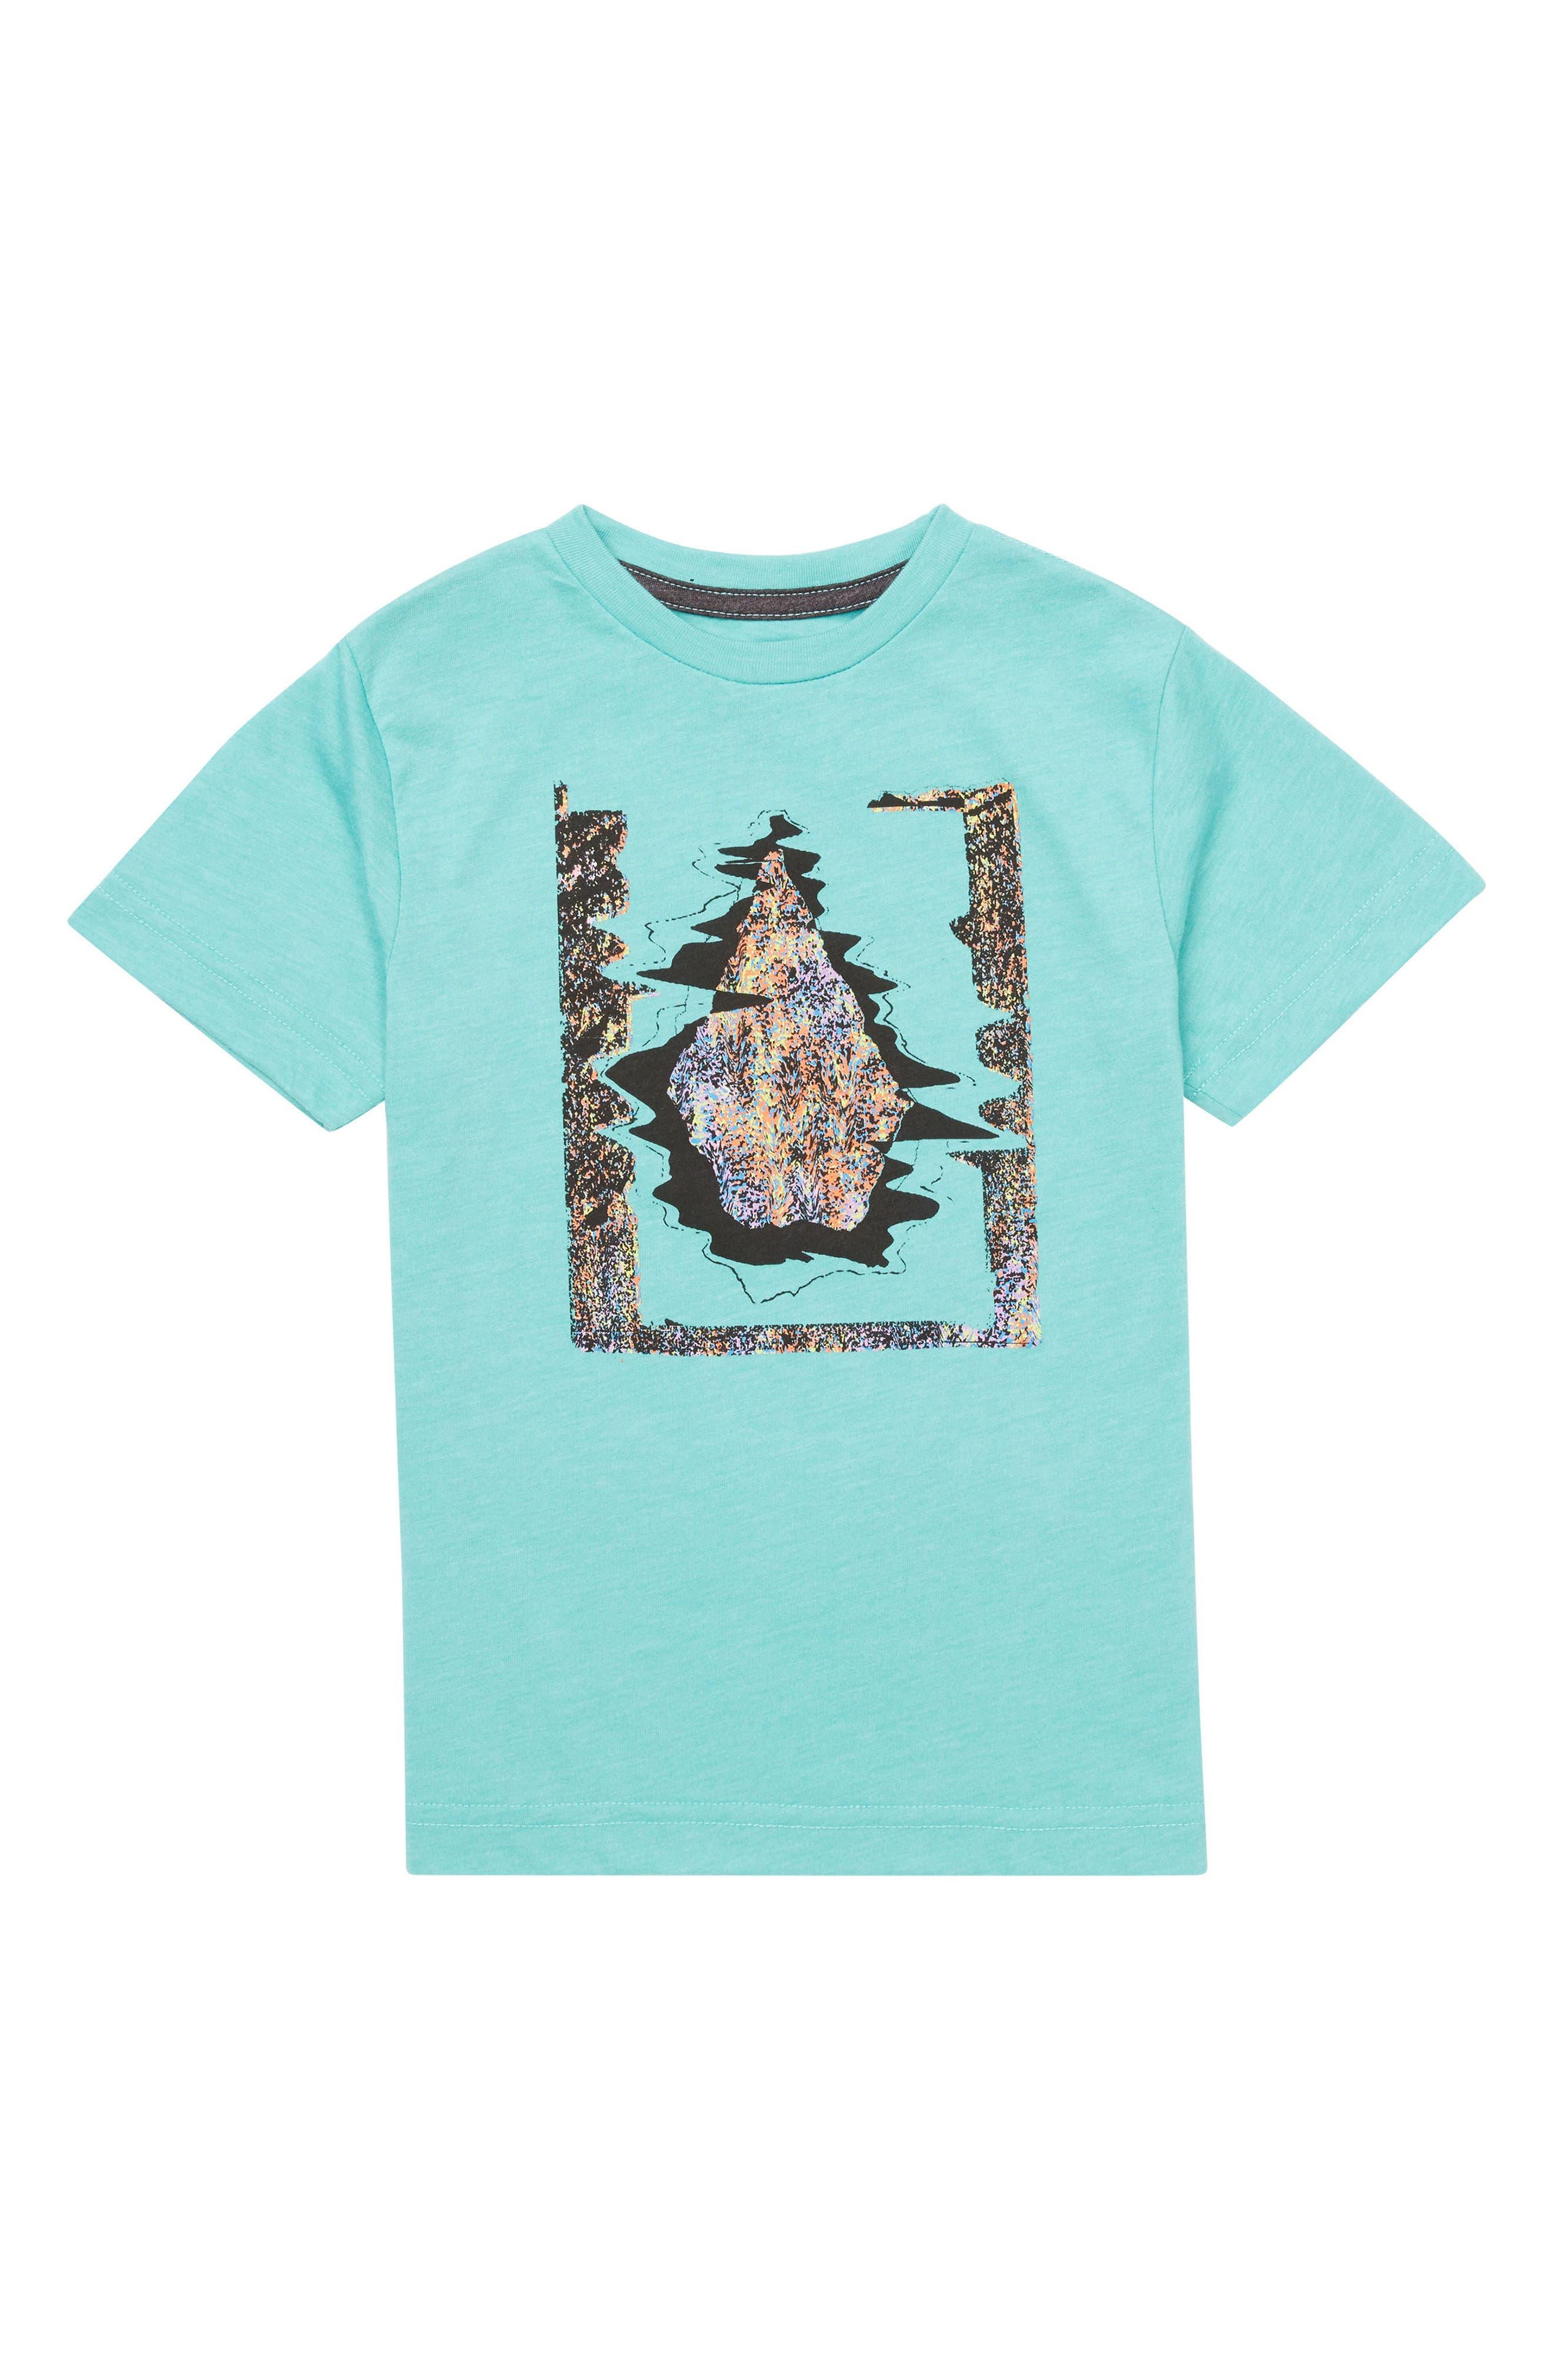 Statiq Graphic T-Shirt,                             Main thumbnail 1, color,                             Turquoise